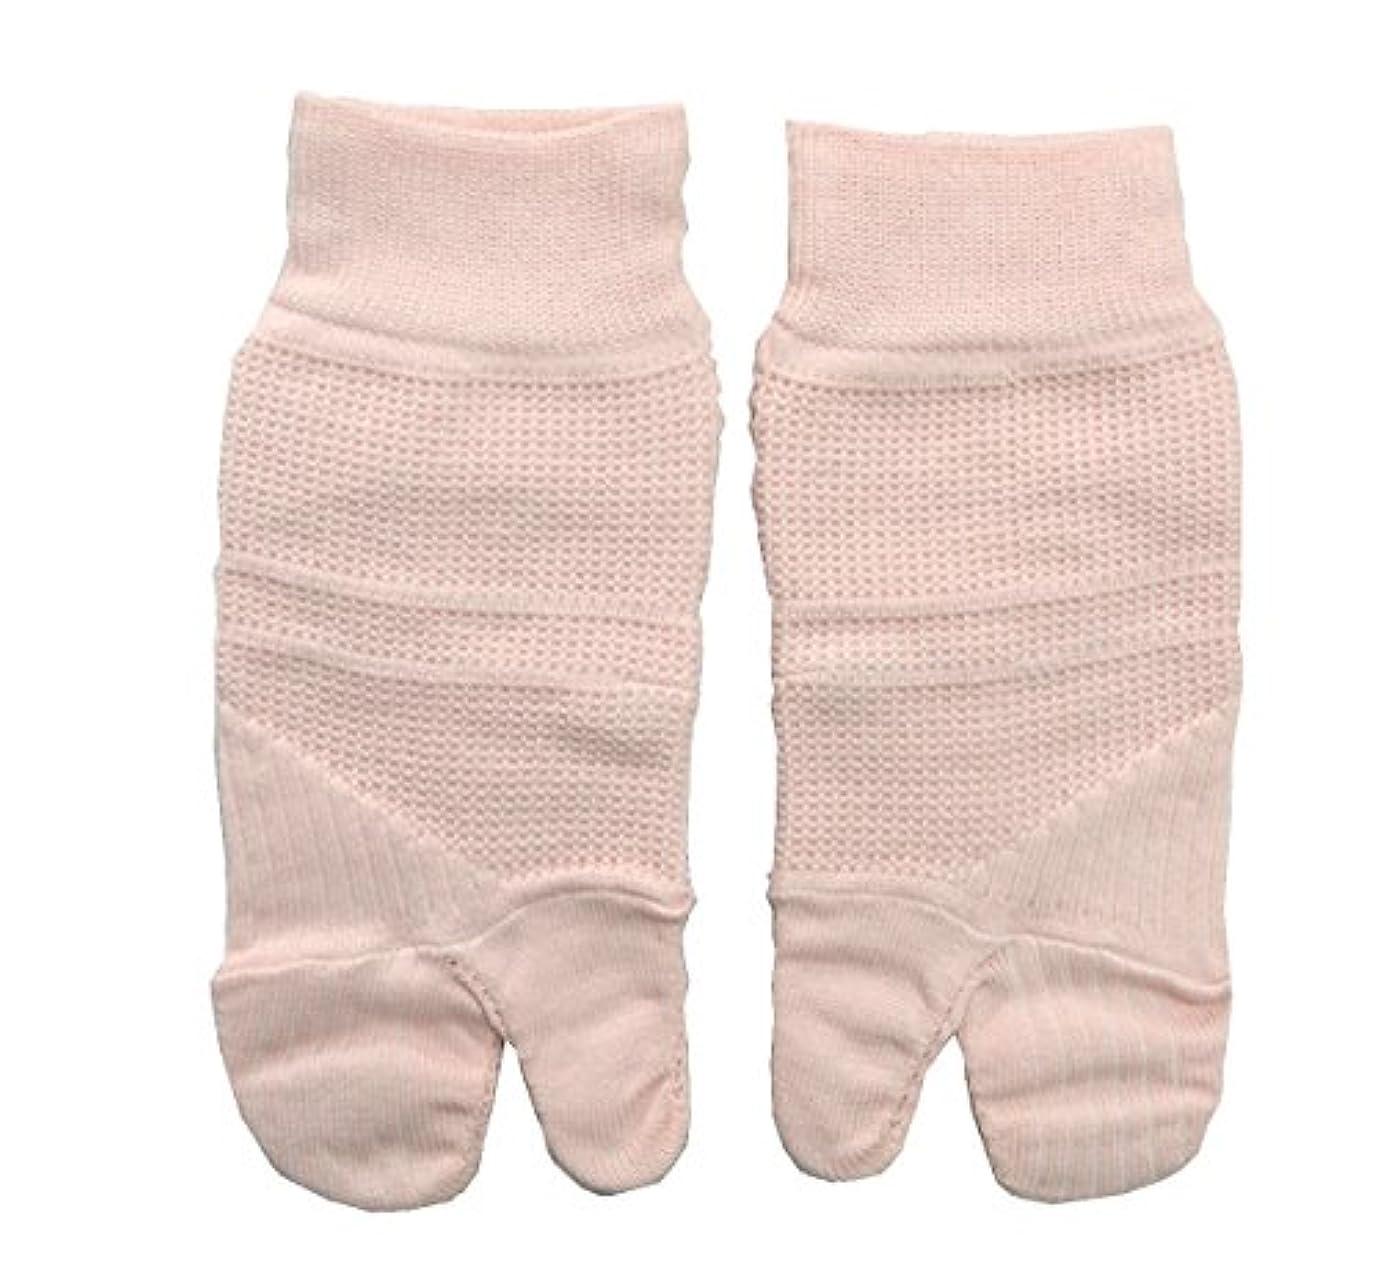 尋ねる区画ボーダー外反母趾対策靴下(通常タイプ) コーポレーションパールスター?広島大学大学院特許製品